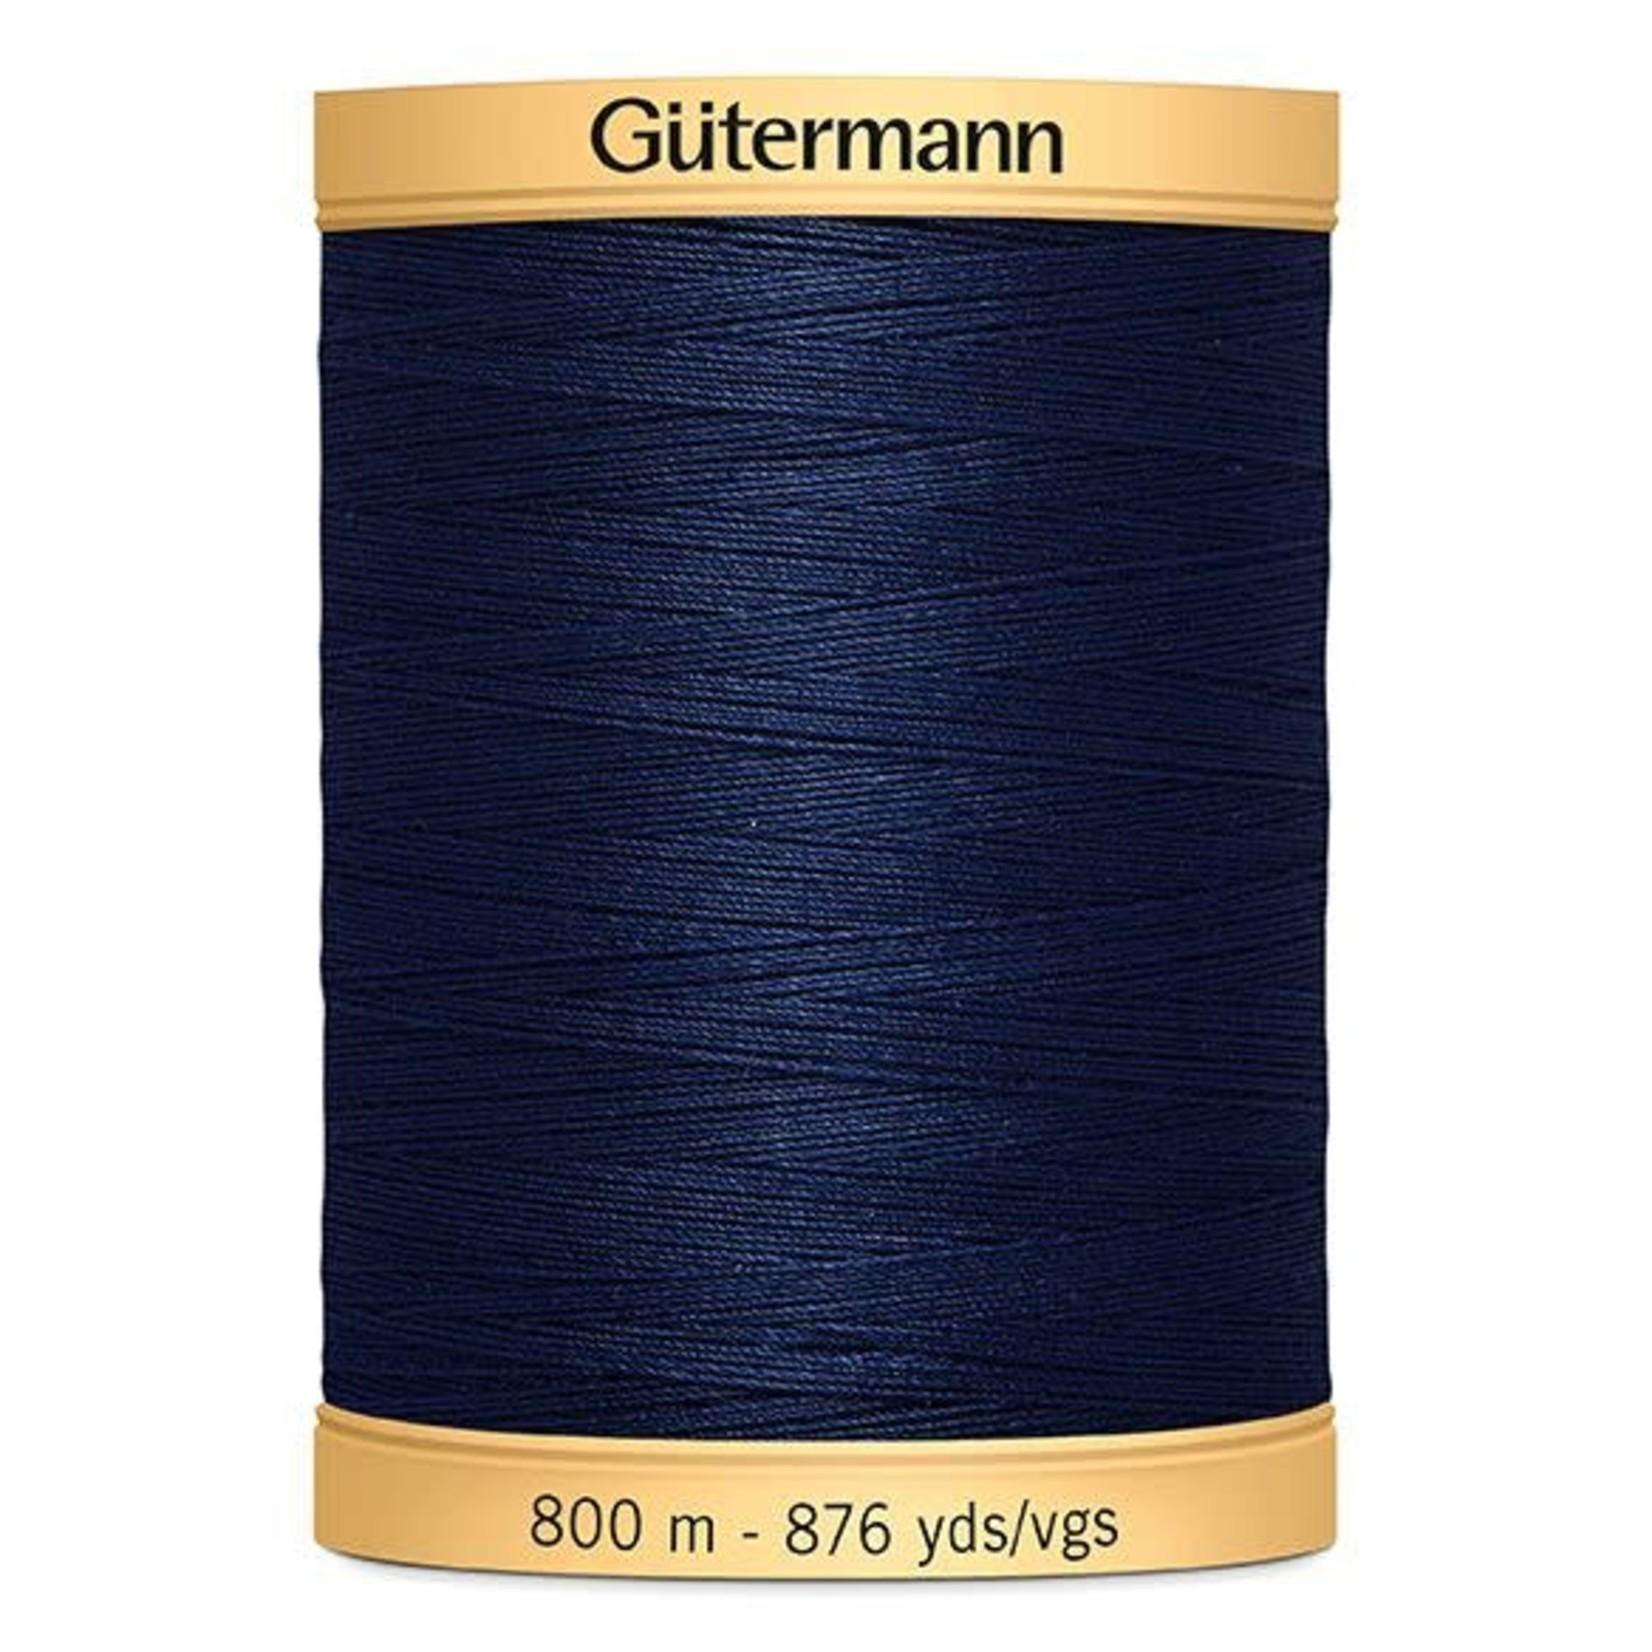 Guterman Col.5322 Gutermann Cotton 800m Denim